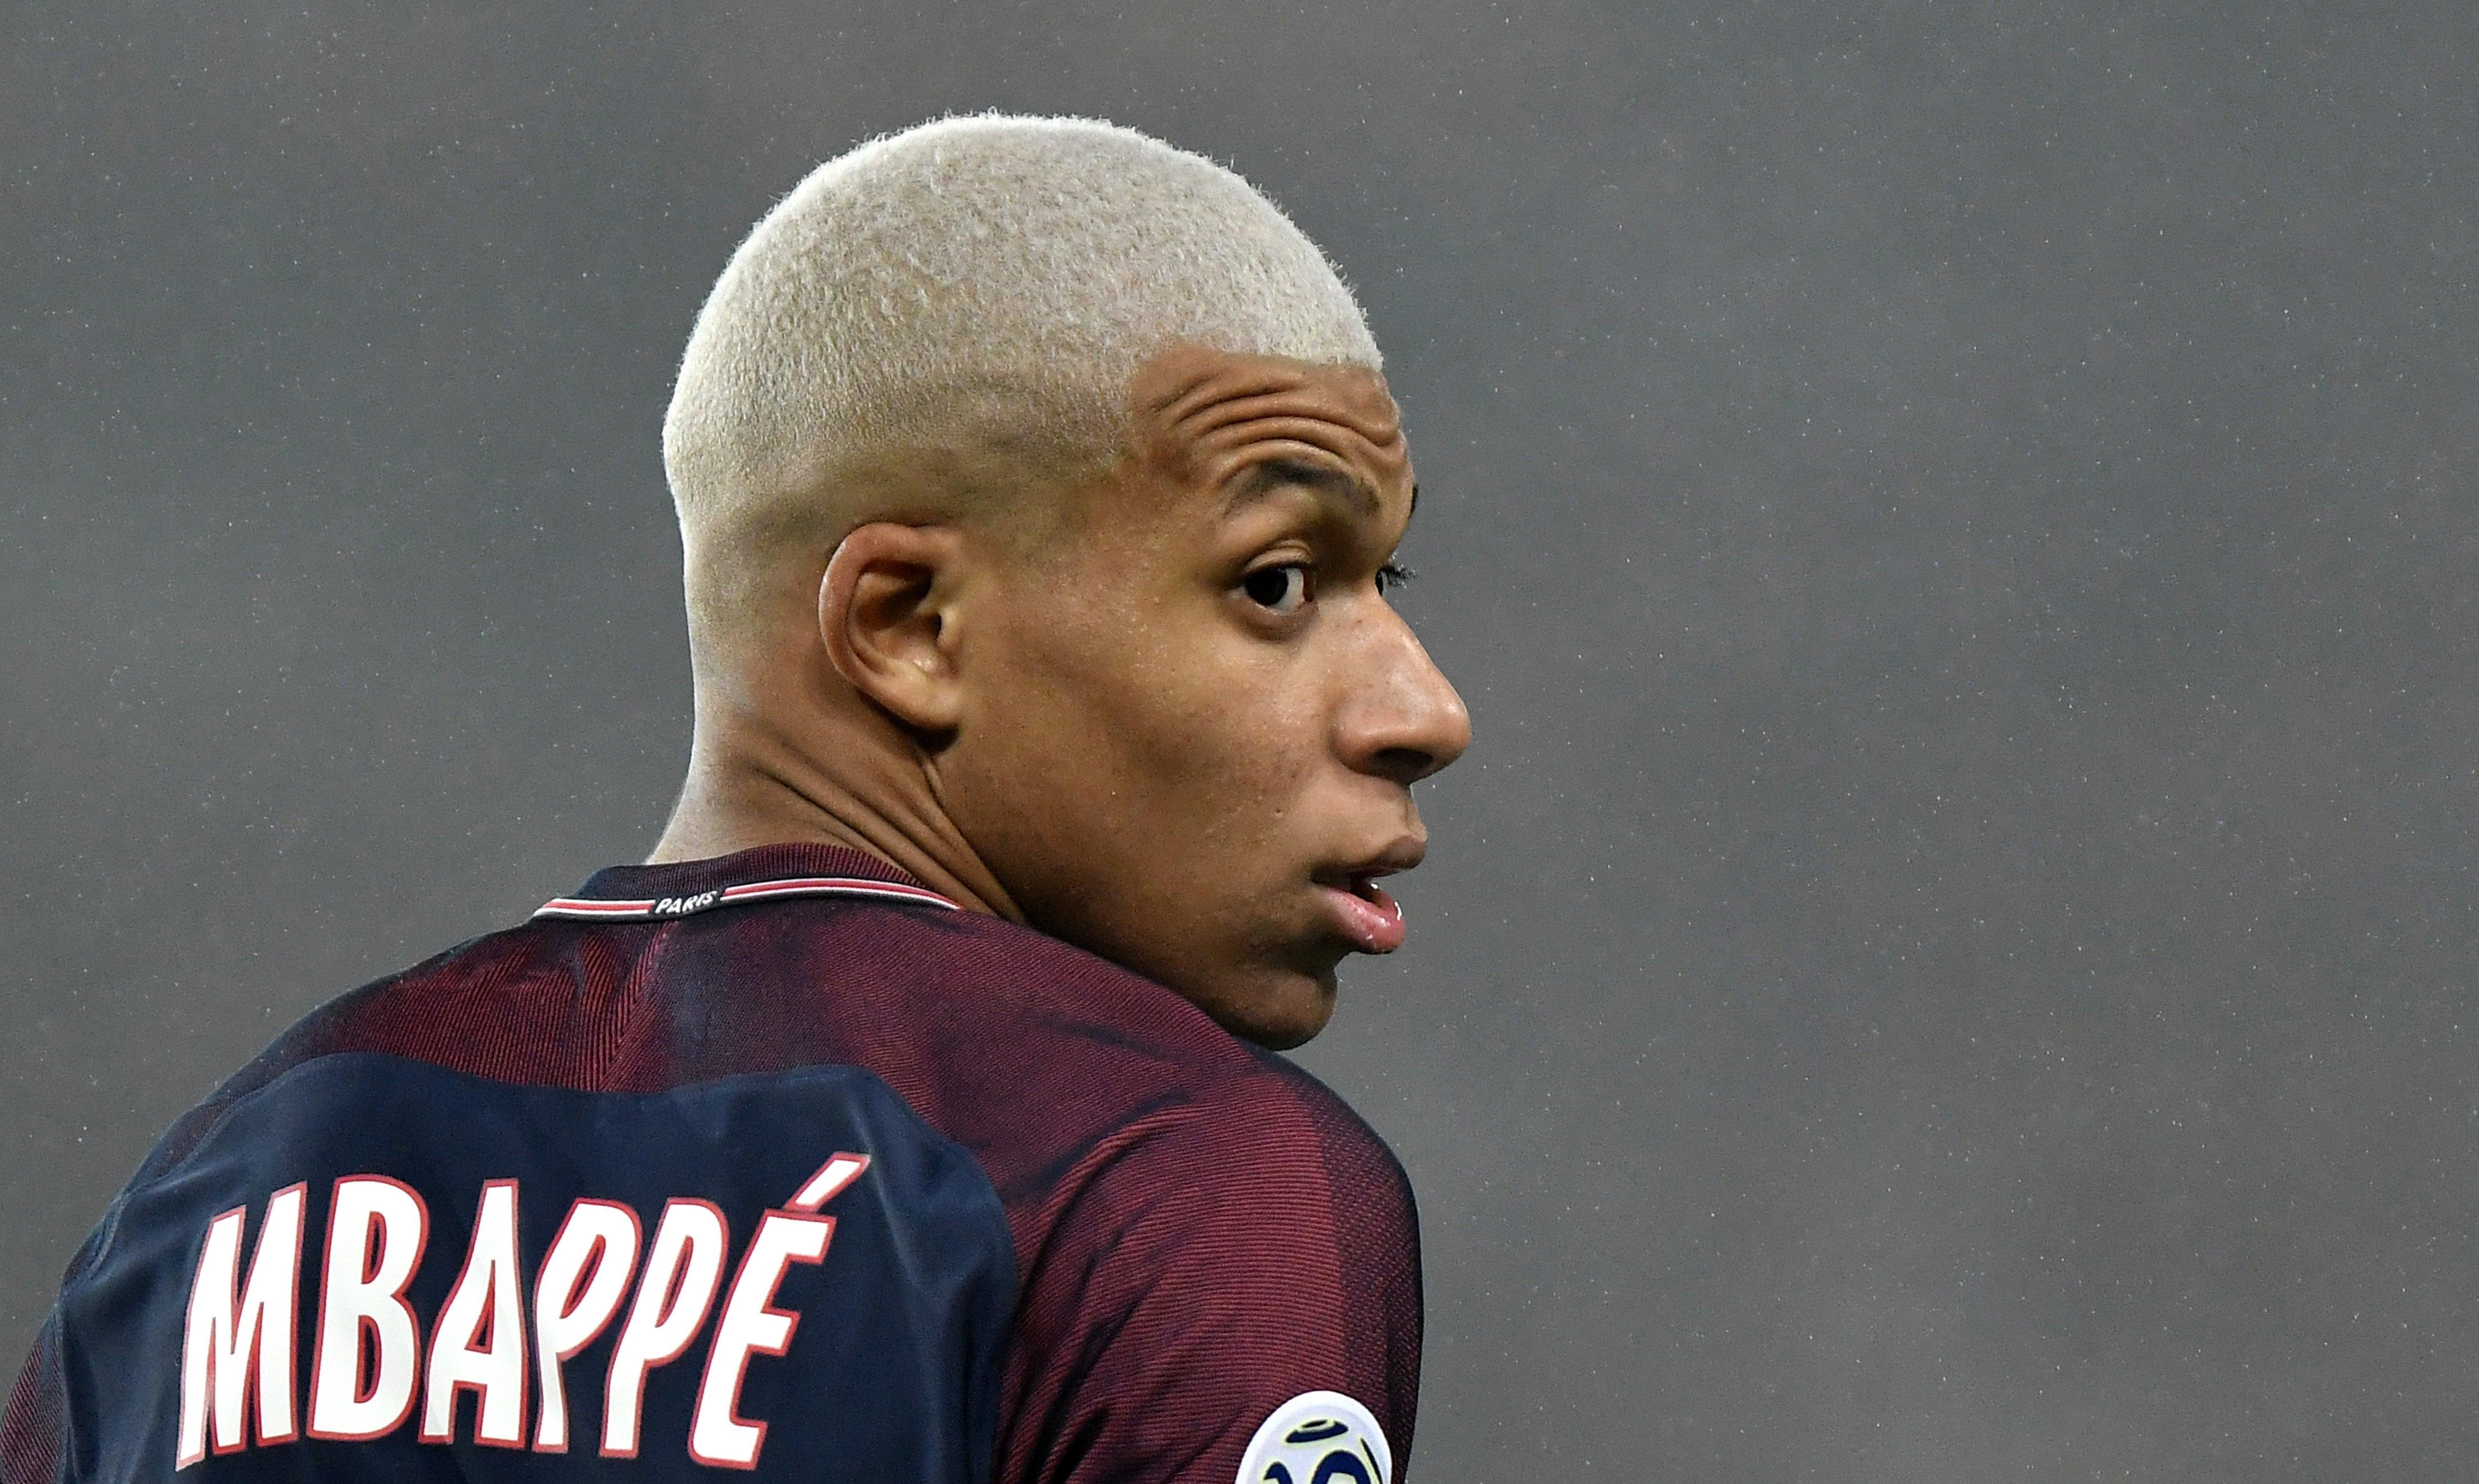 Mbappé sobre CR7: 'Gostava dele quando eu era pequeno, mas acabou'